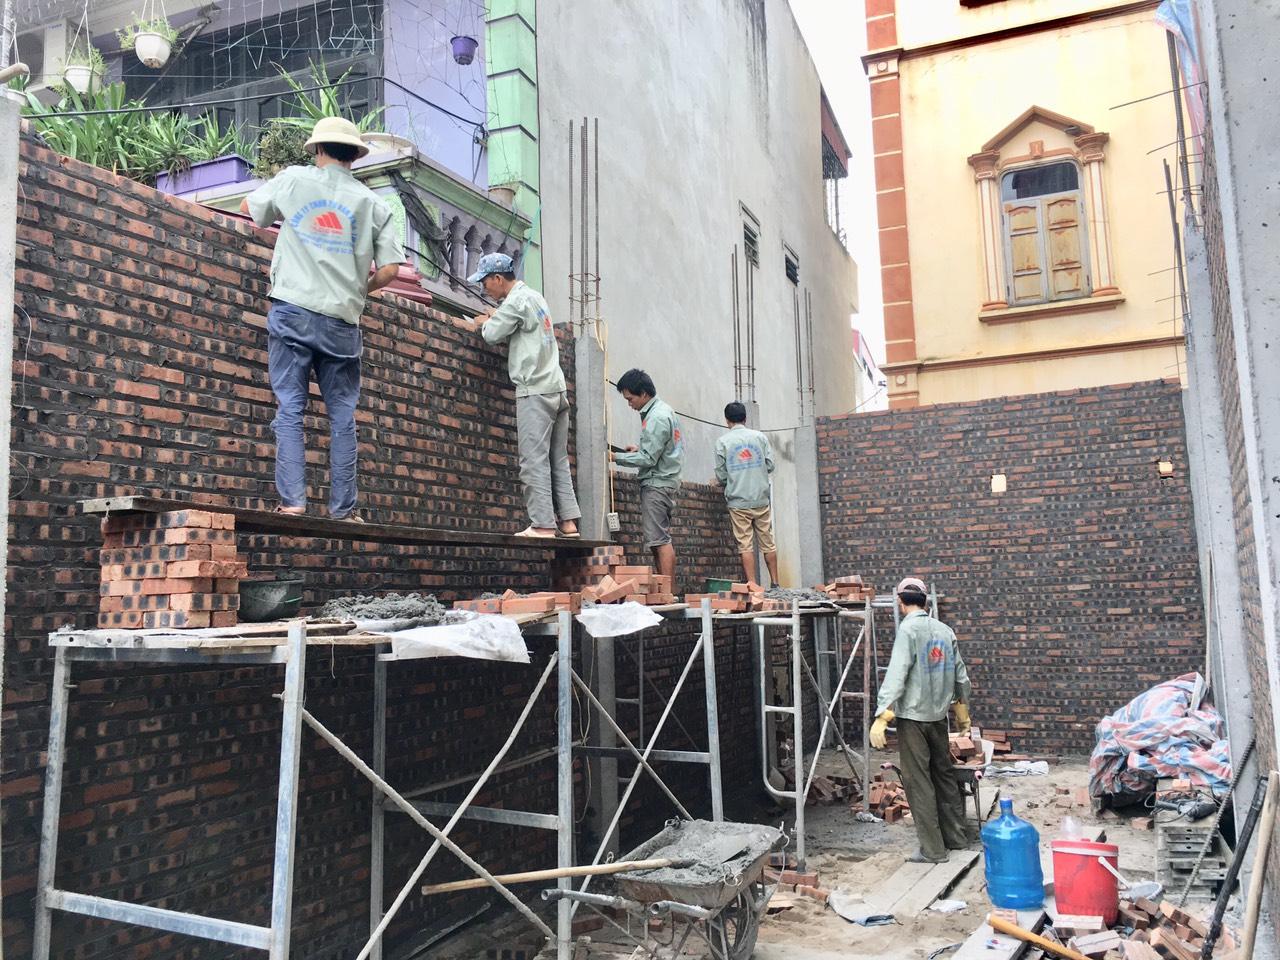 Mách bạn đơn vị sửa chữa nhà phố giá rẻ uy tín tại Hà Nội